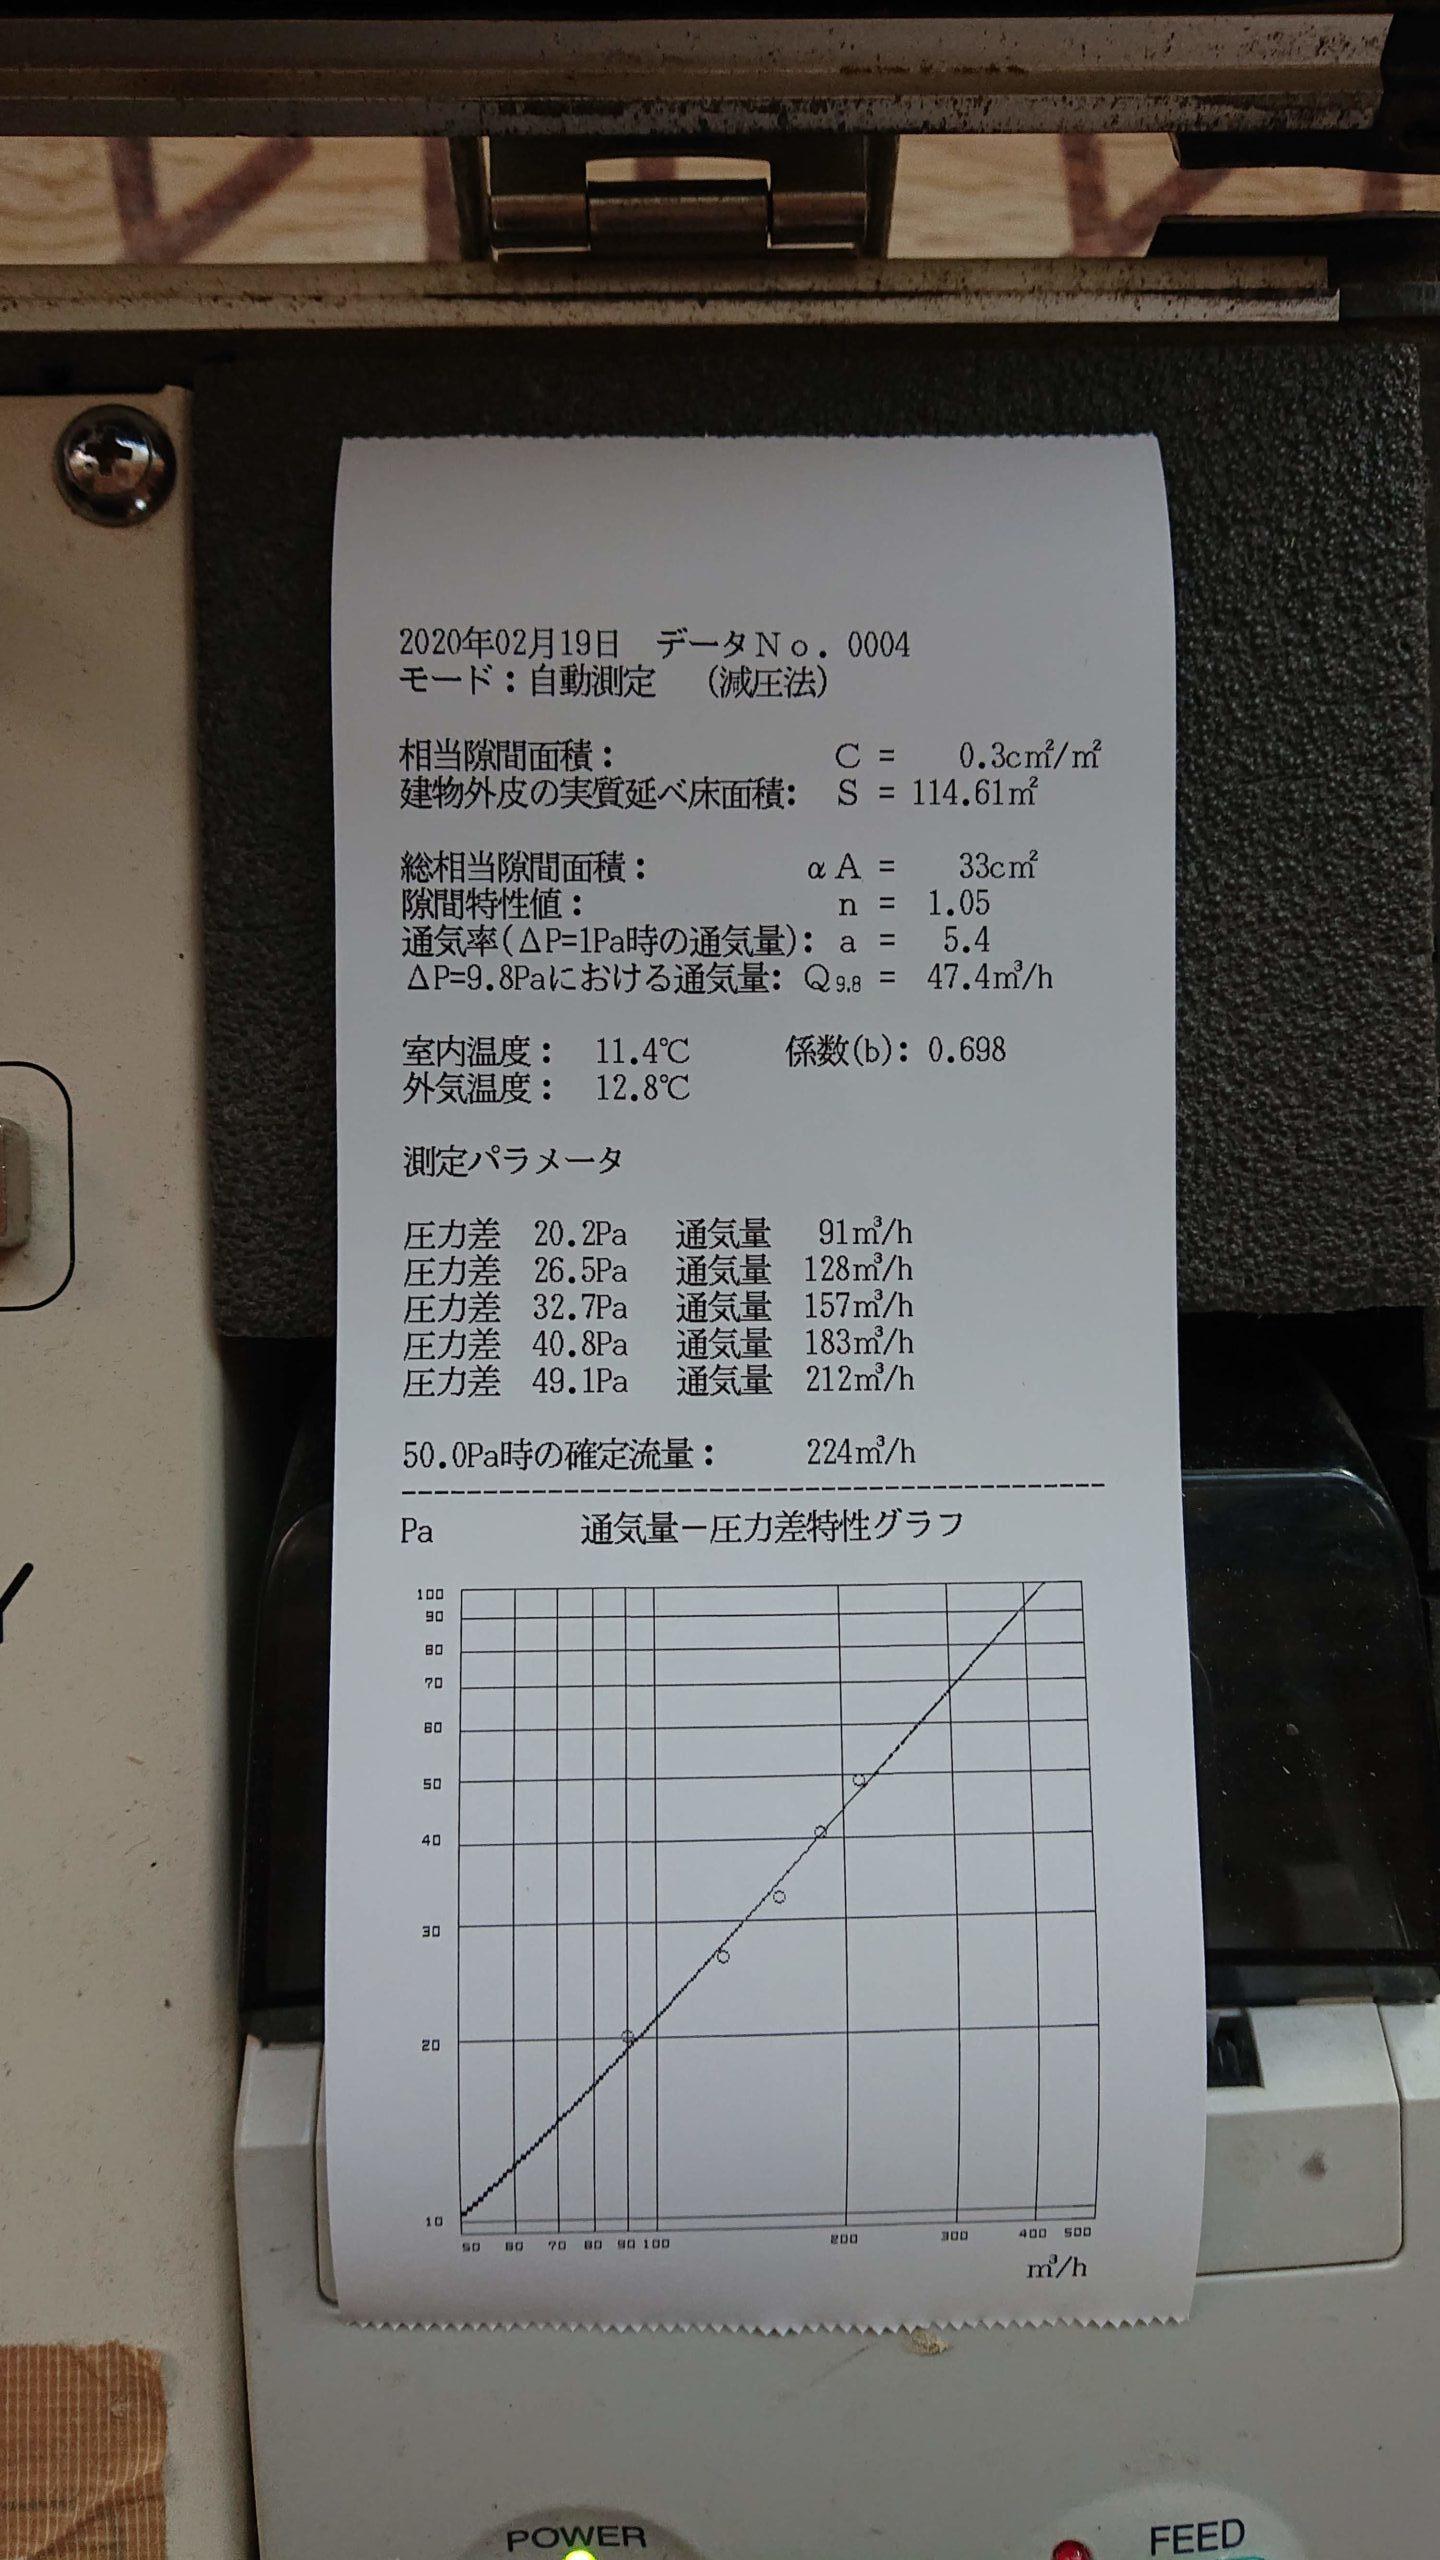 気密測定の結果